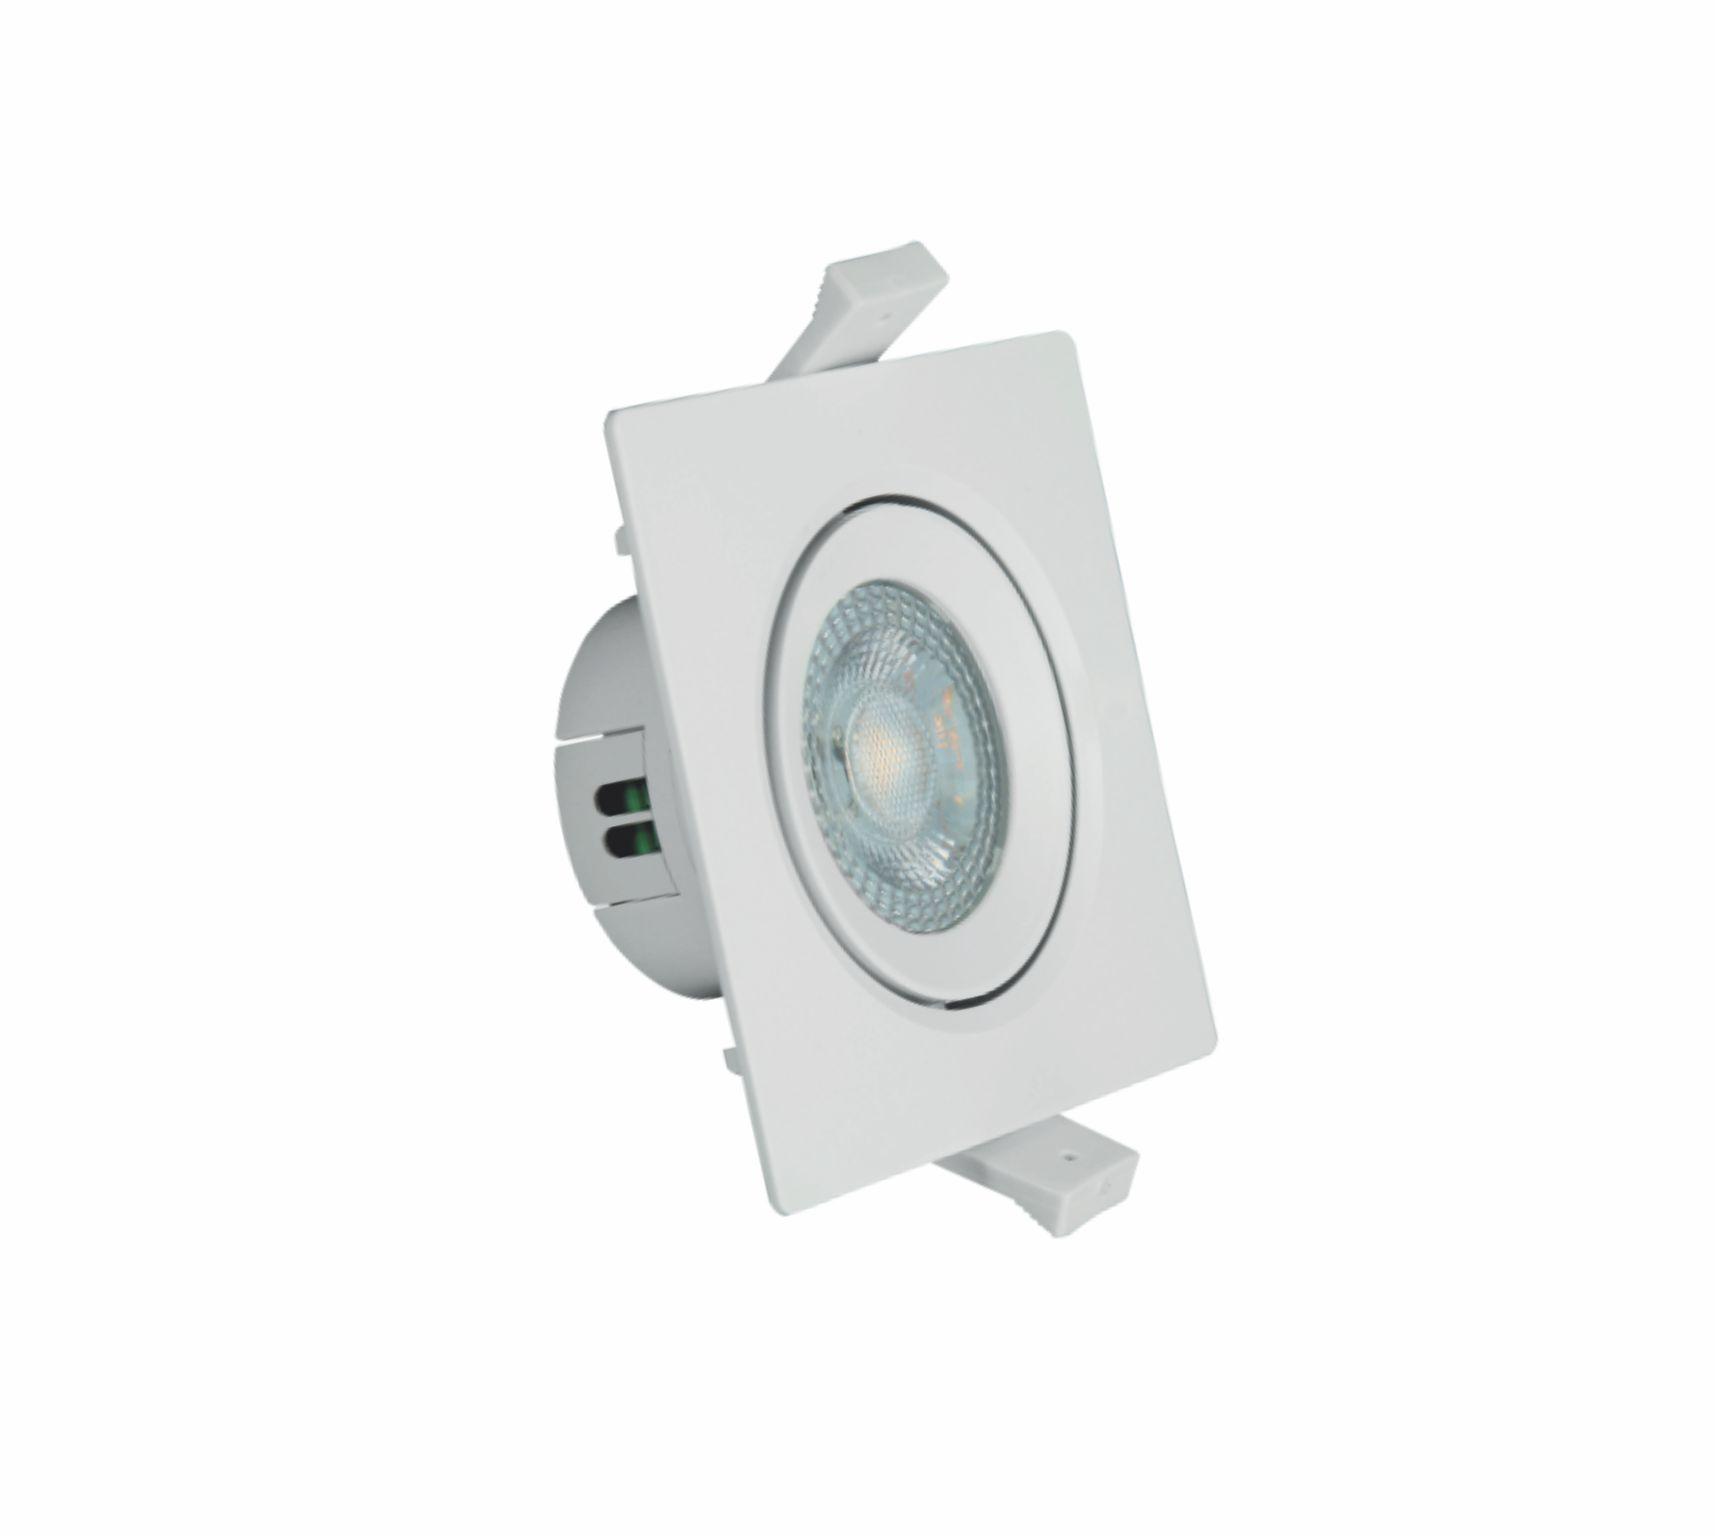 Spot LED Quadrado PAR20 8W 6500K Branco AUTOVOLT